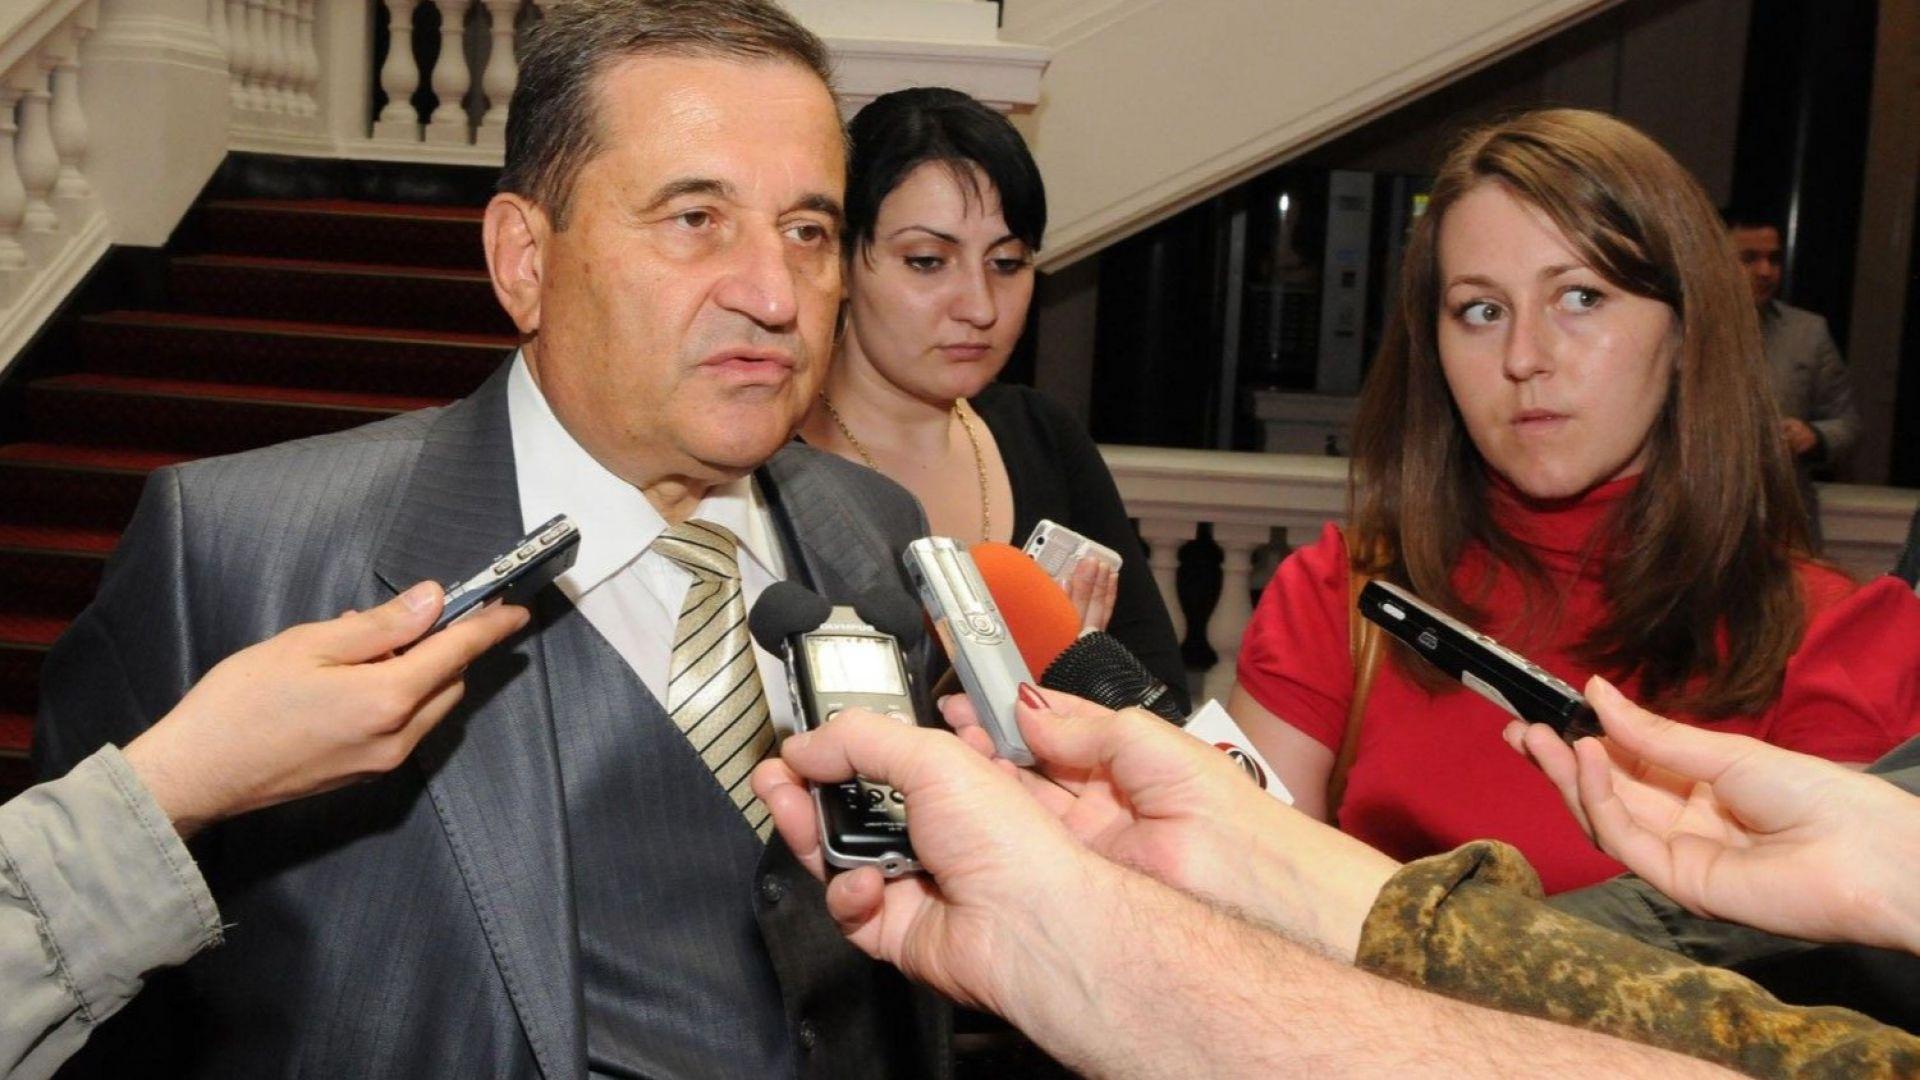 Проф. Тасев: Процедурите на НЕК за продажба на електроенергия са детайлно изпипани, за да няма манипулации